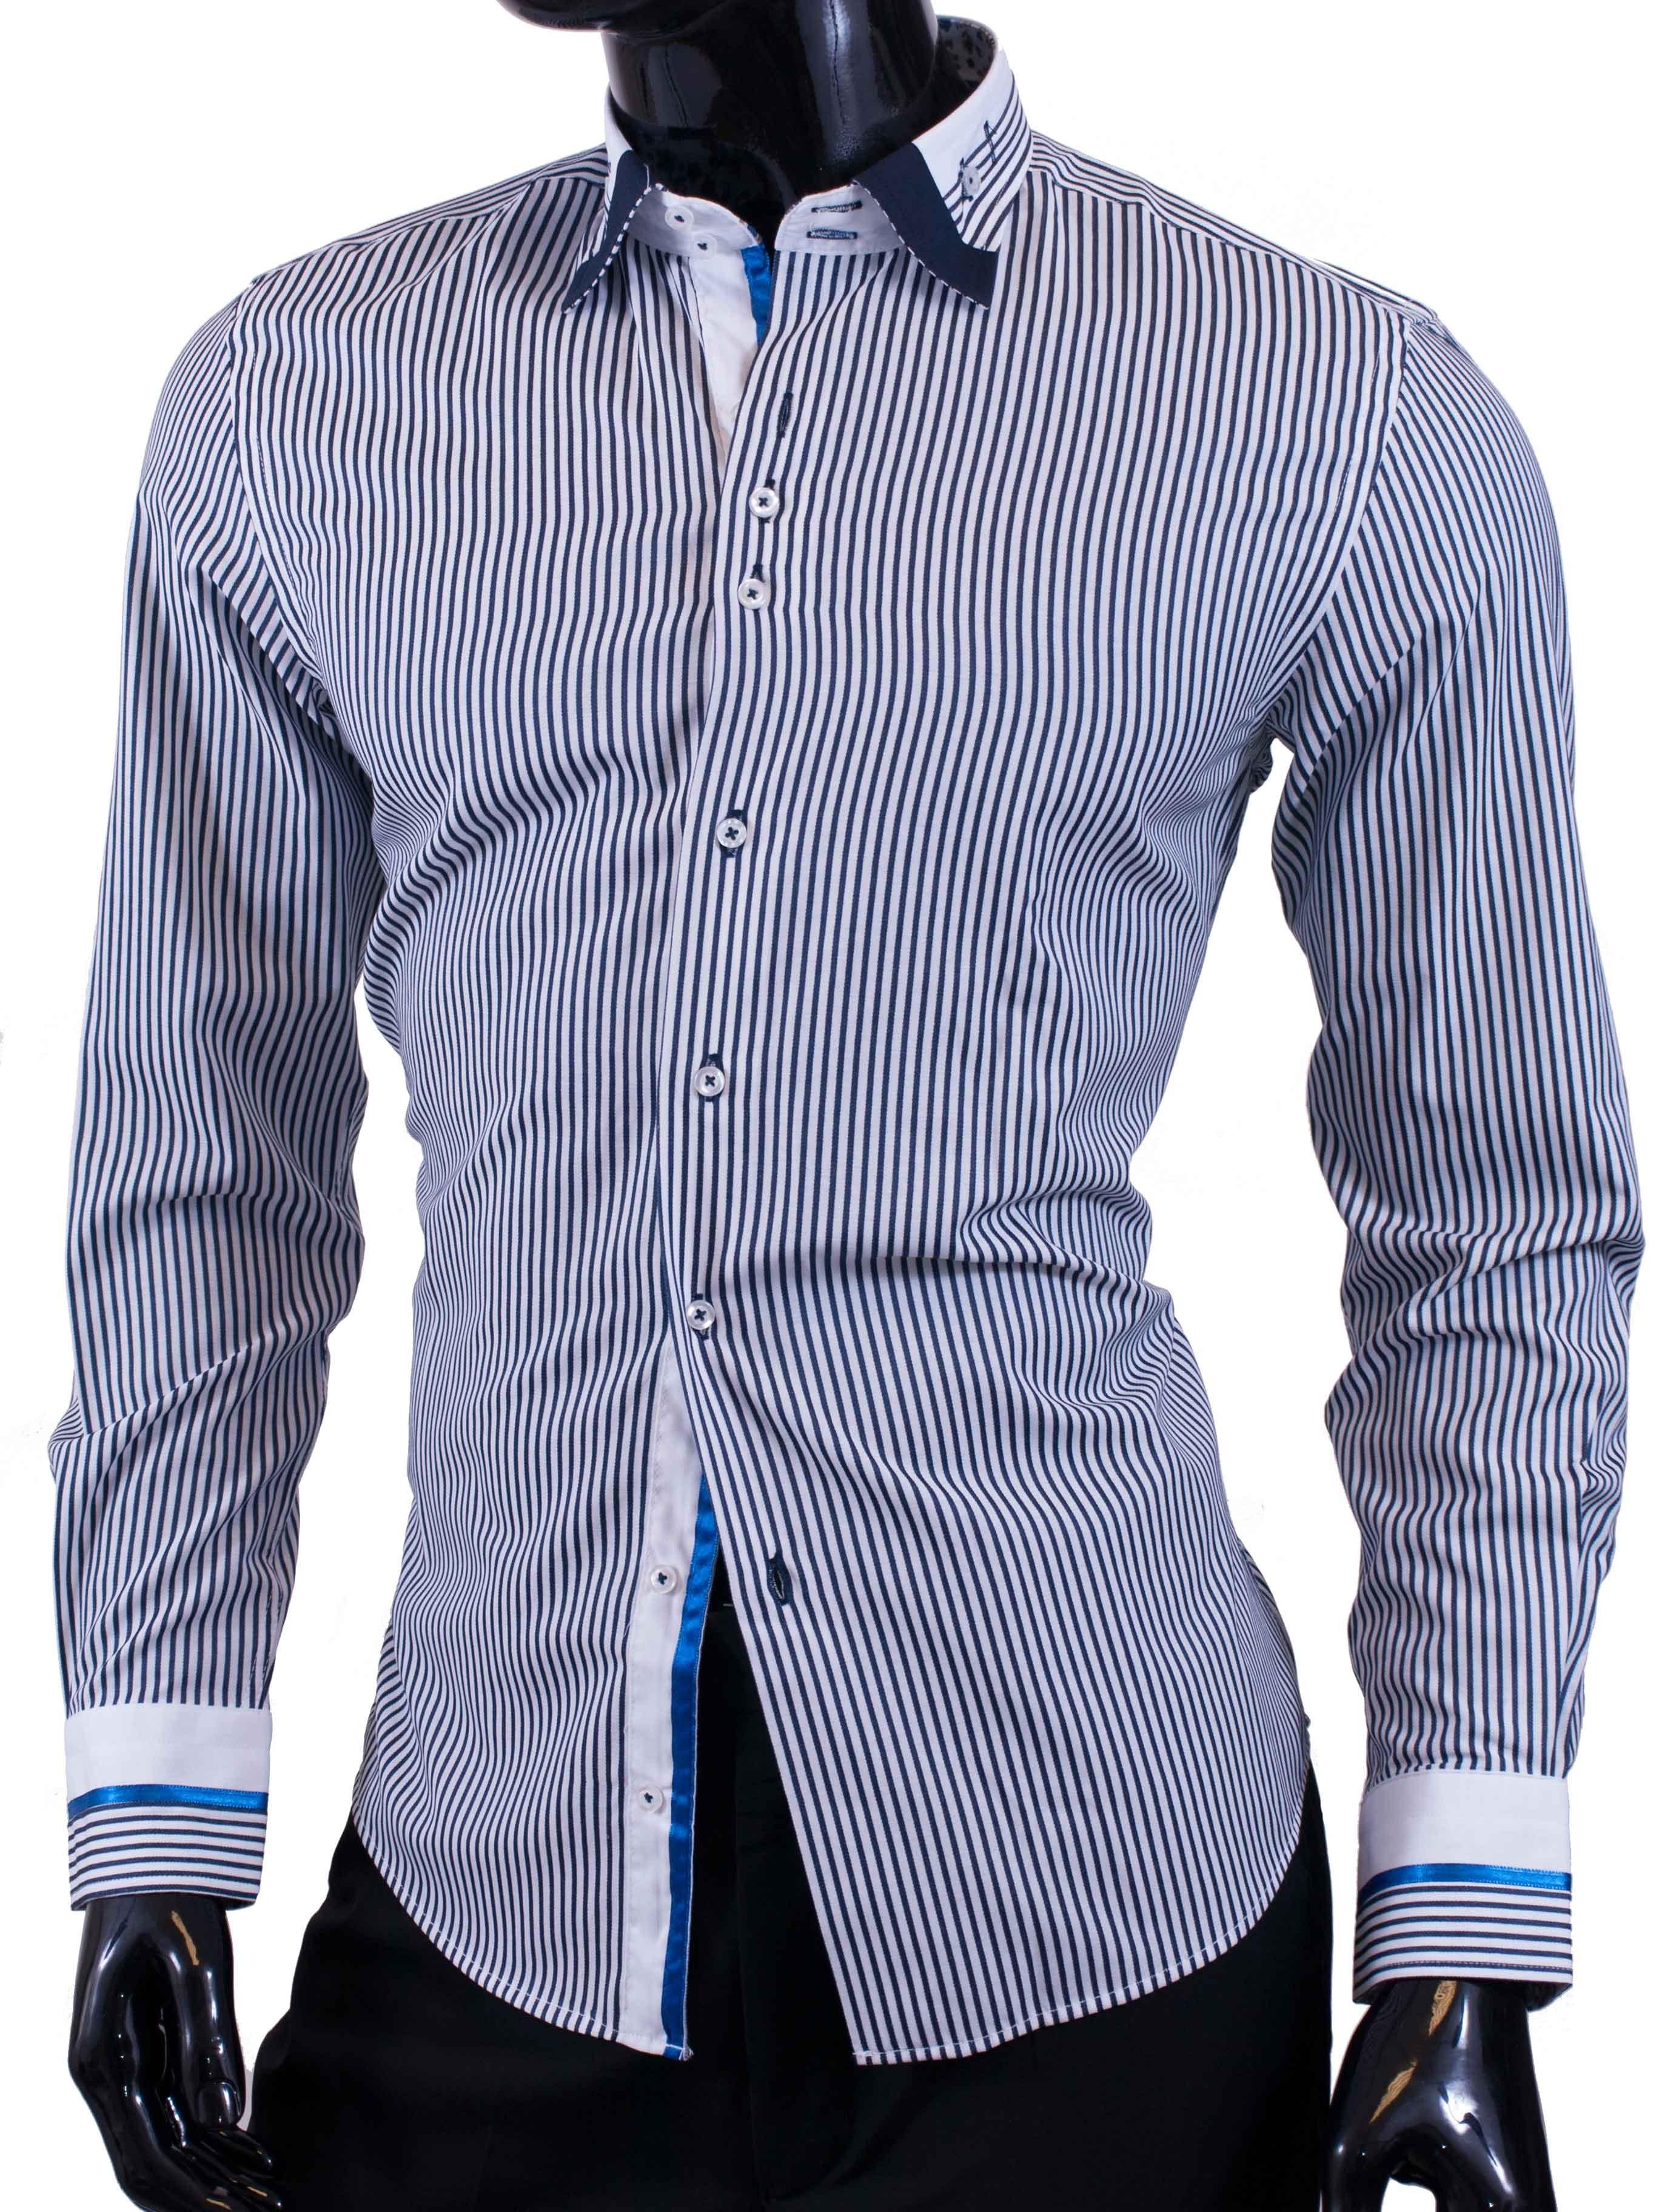 Pánská košile Egoman s tmavě modrými a bílými proužky